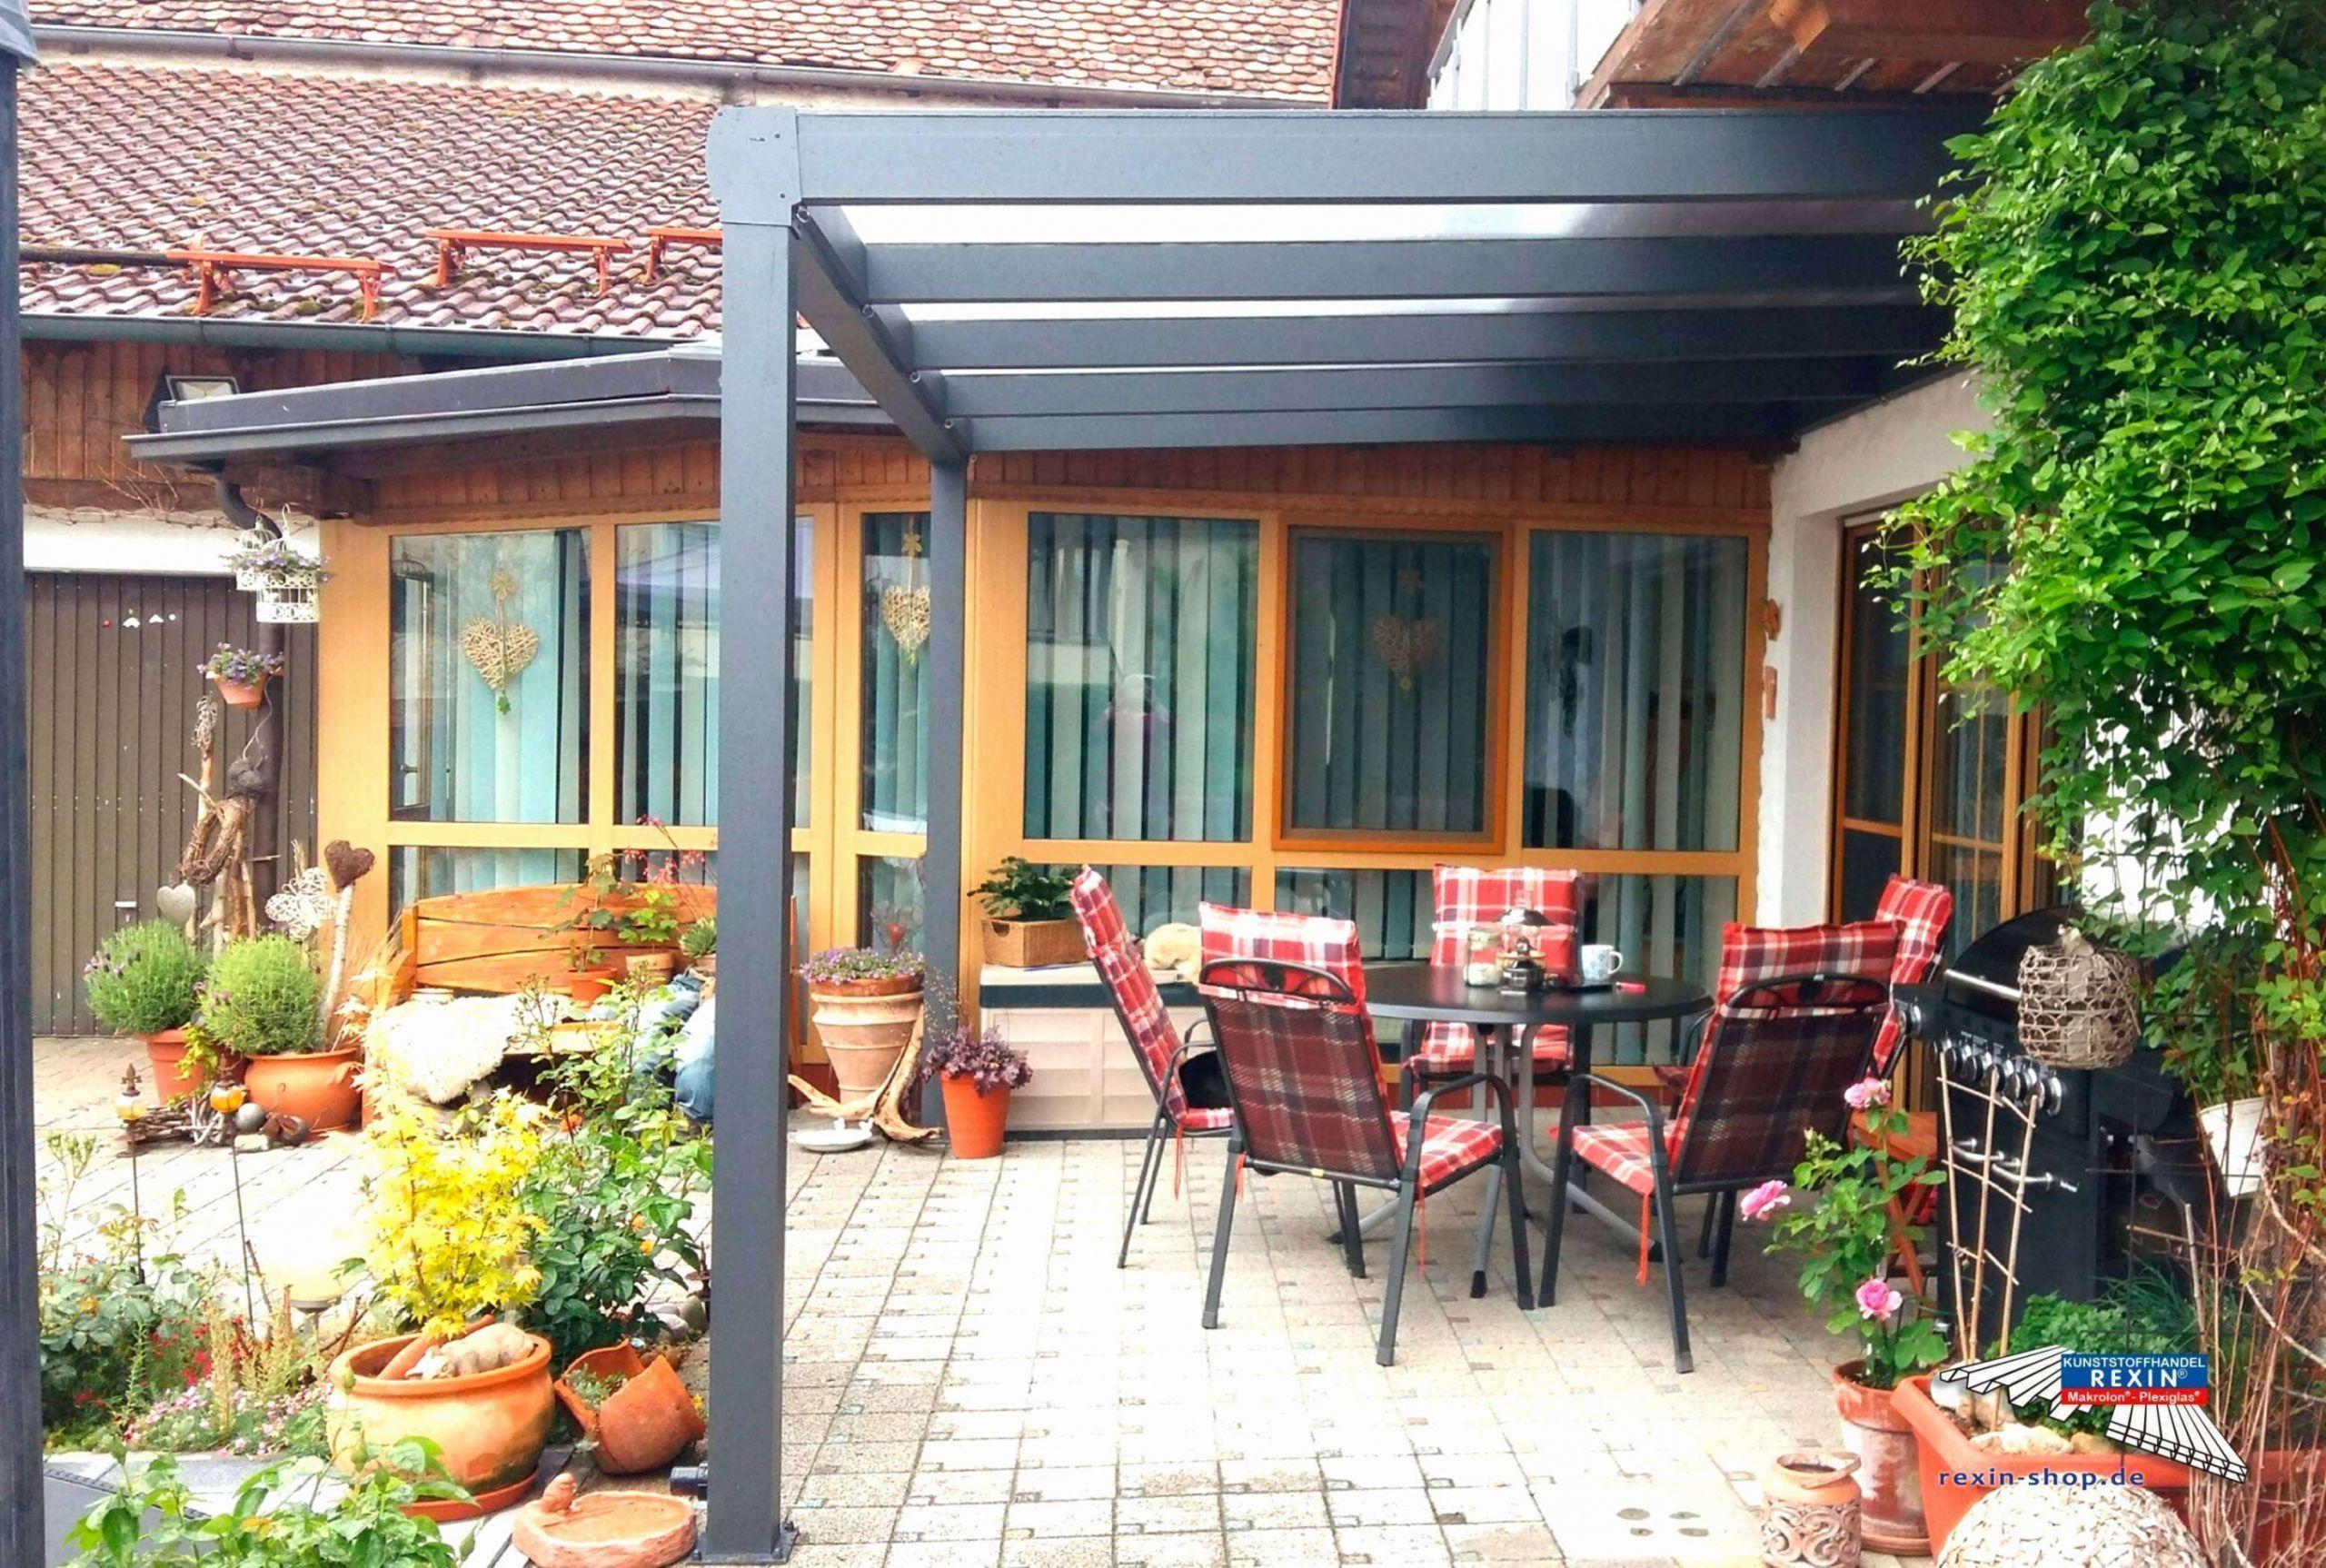 Deko Ideen Für Garten Best Of Gartendeko Selbst Gemacht — Temobardz Home Blog